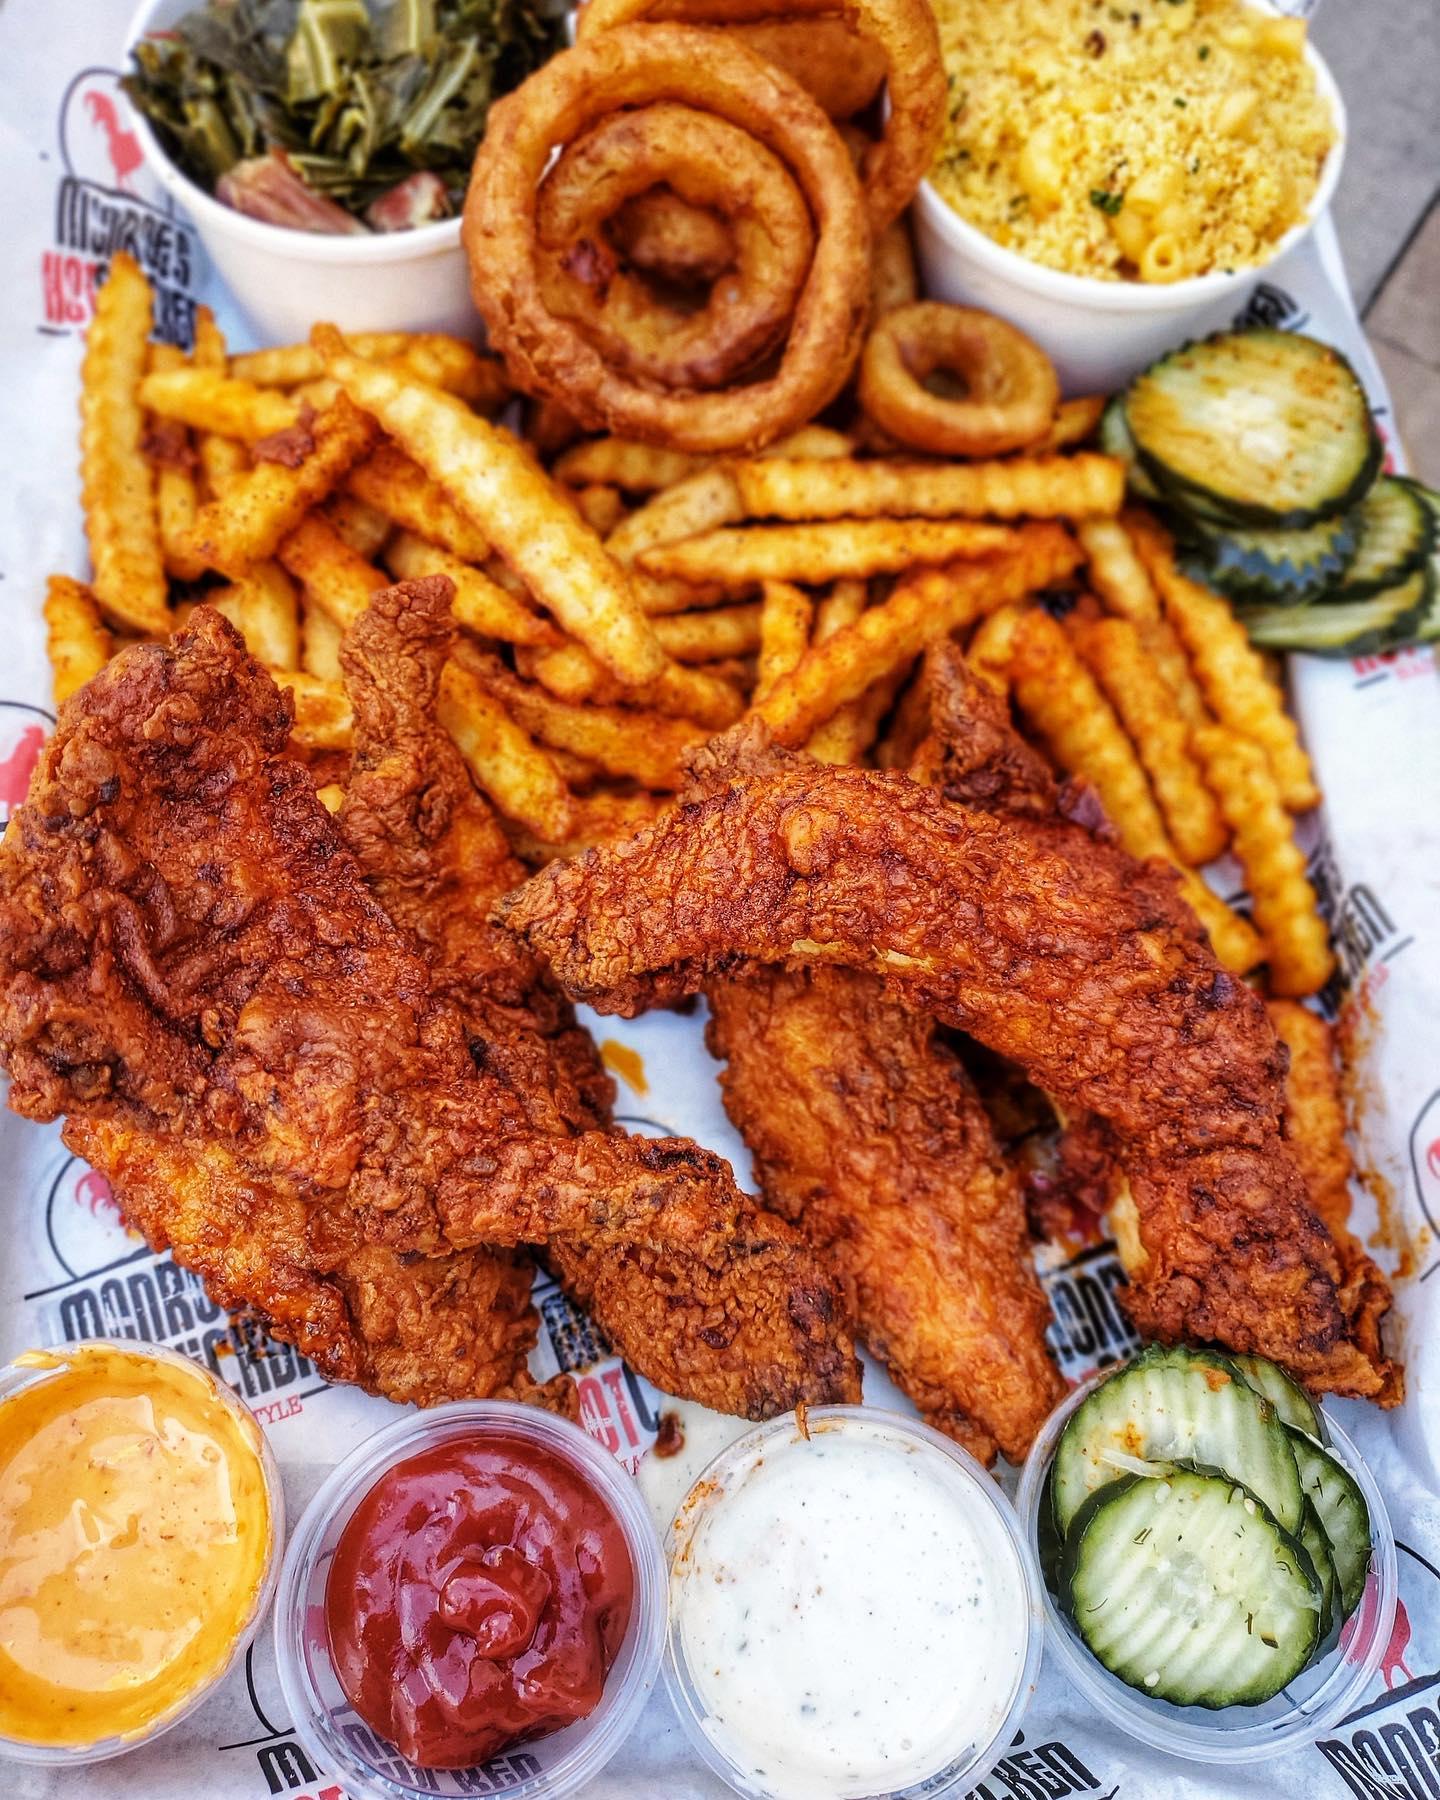 Monroe's Hot Chicken